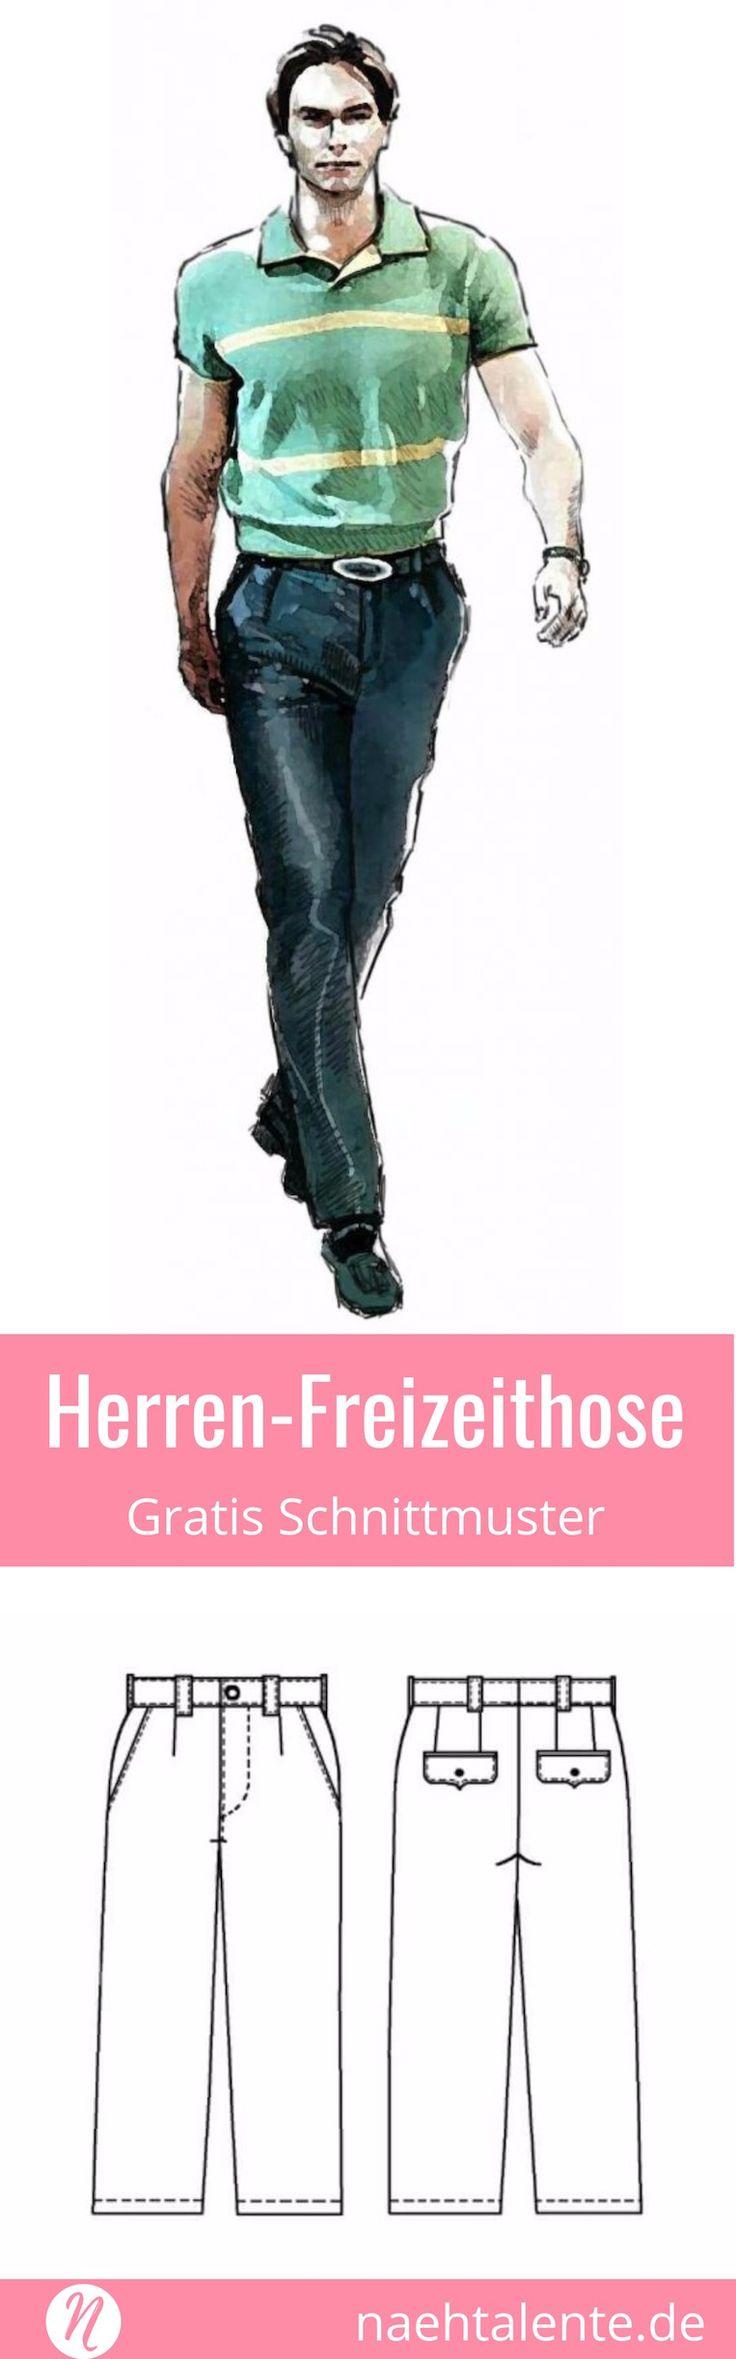 97 best Alles für den Herren images on Pinterest | Anleitungen ...